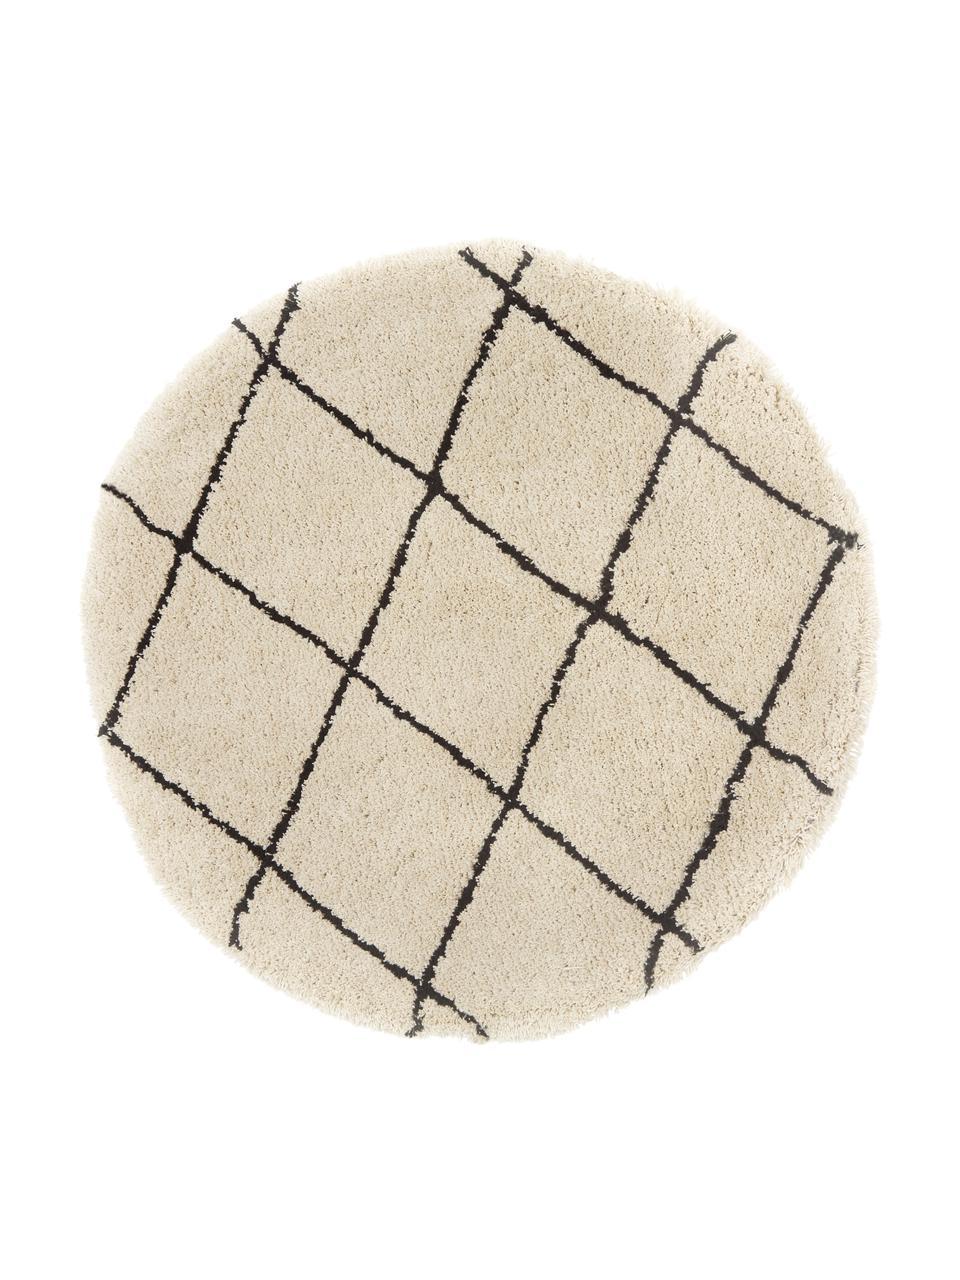 Tappeto rotondo morbido a pelo lungo taftato a mano Naima, Retro: 100% cotone, Beige, nero, Ø 200 cm (taglia L)